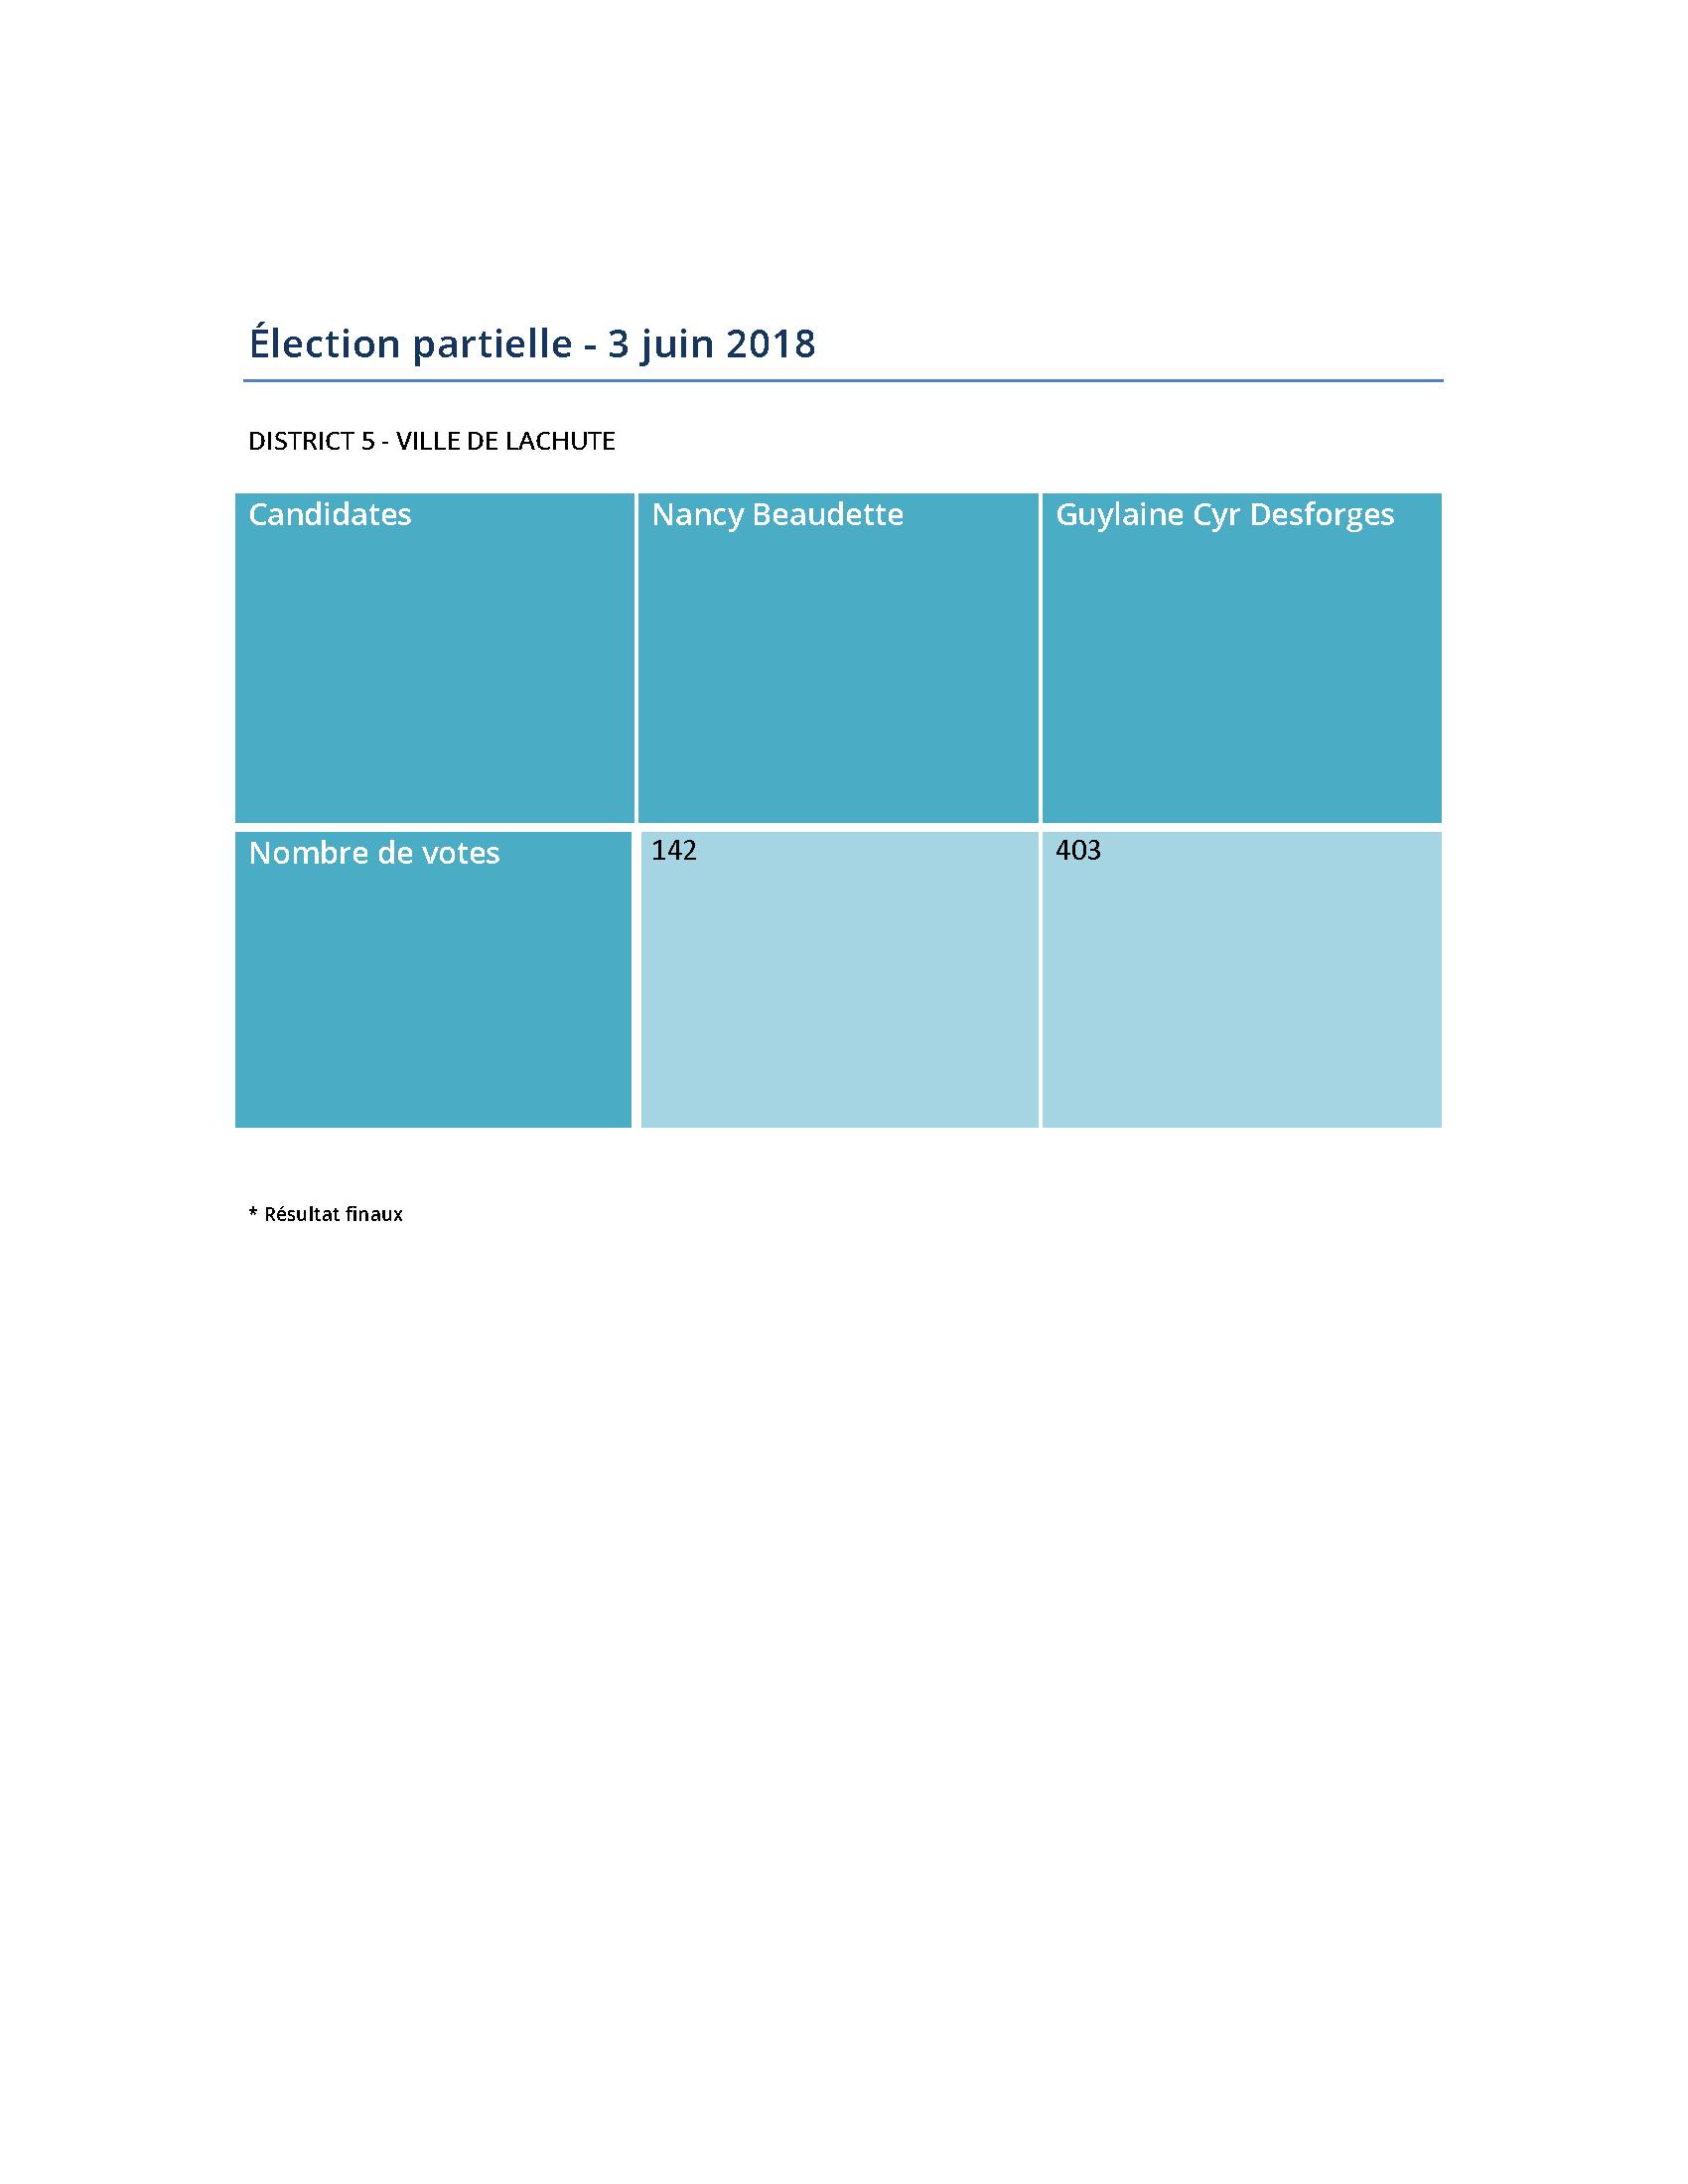 Soirée électorale - Élection partielle